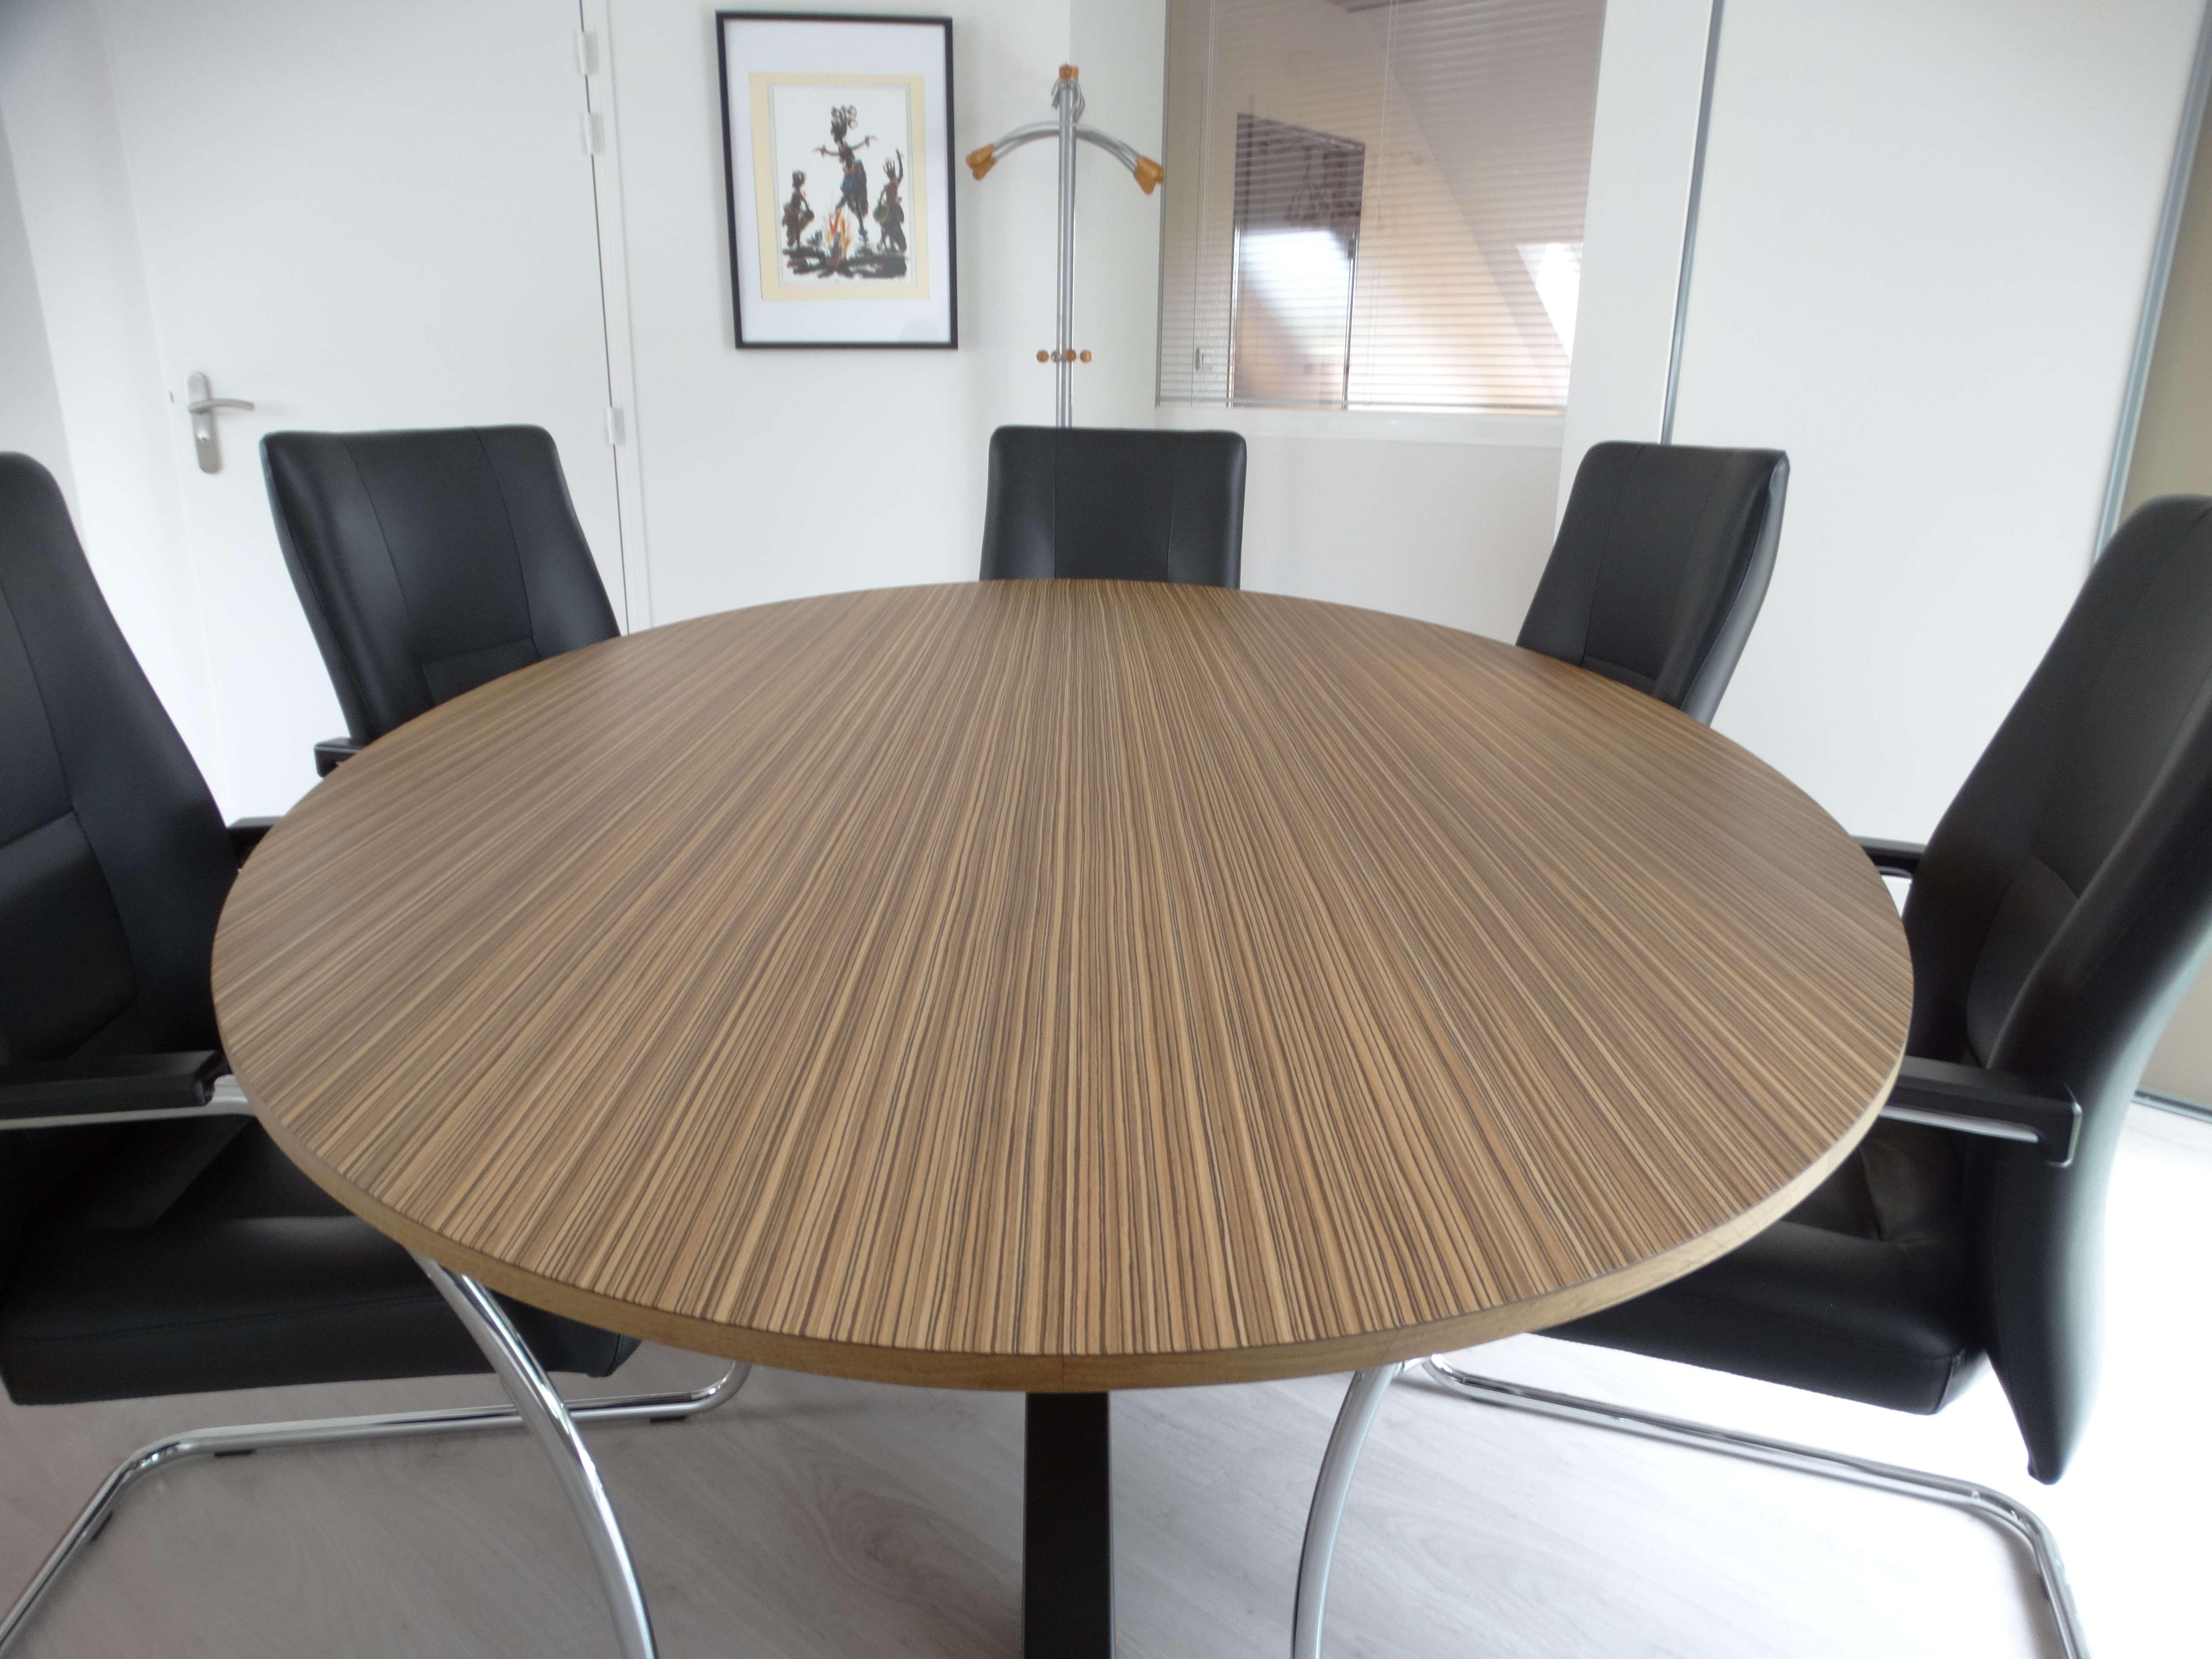 Table de travail ovale bois massif - Bureau original mairie en bois zebrano et chêne